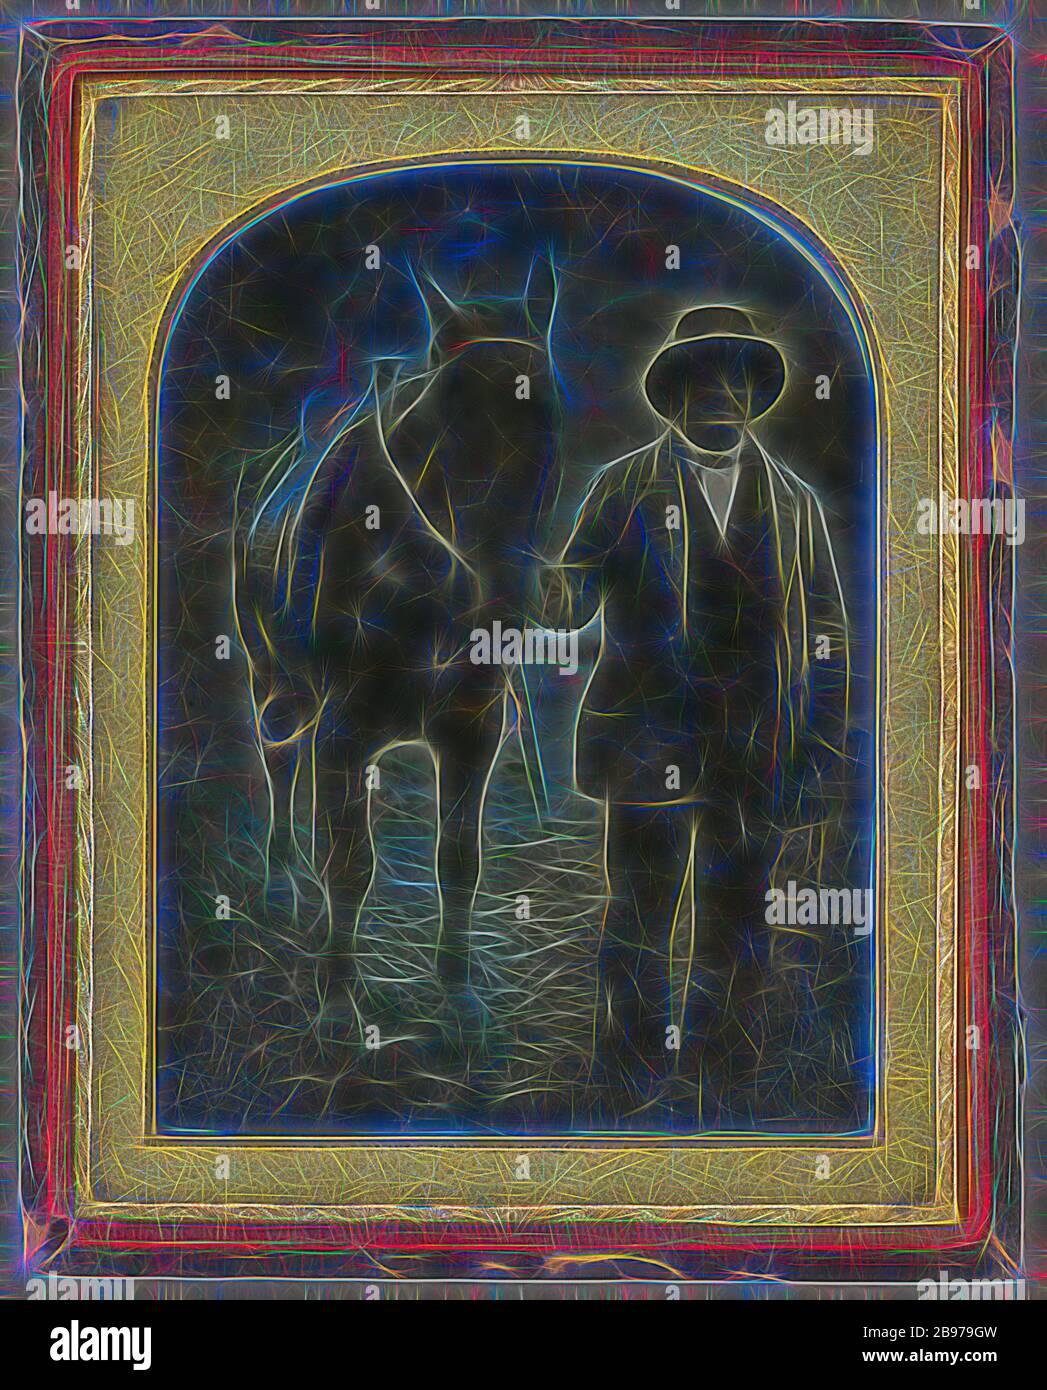 Hombre y caballo, atribuida a fabricante desconocido, americano, alrededor de 1847, daguerreotipo, color a mano, 12 × 8.9 cm (4 3/4 × 3 1/2 in.), Reimaginado por Gibon, diseño de cálido y alegre resplandor de brillo y rayos de luz radiance. Arte clásico reinventado con un toque moderno. Fotografía inspirada en el futurismo, abrazando la energía dinámica de la tecnología moderna, el movimiento, la velocidad y la revolución de la cultura. Foto de stock